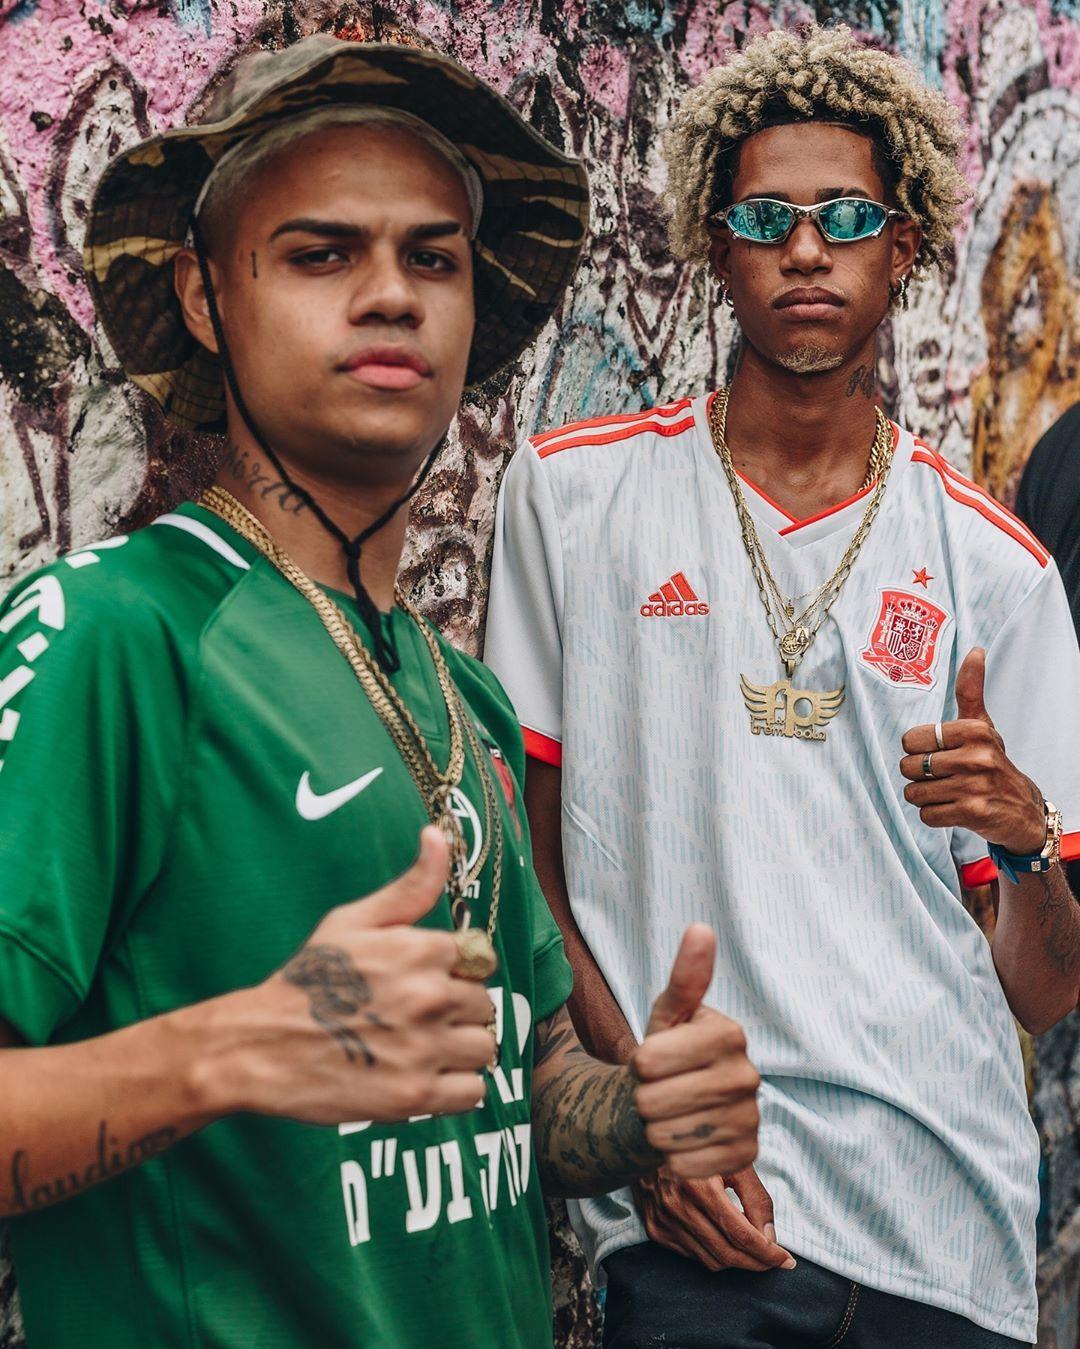 Cantor Todo Tatuado Brasileiro a imagem pode conter: 2 pessoas, pessoas em pé | rappers